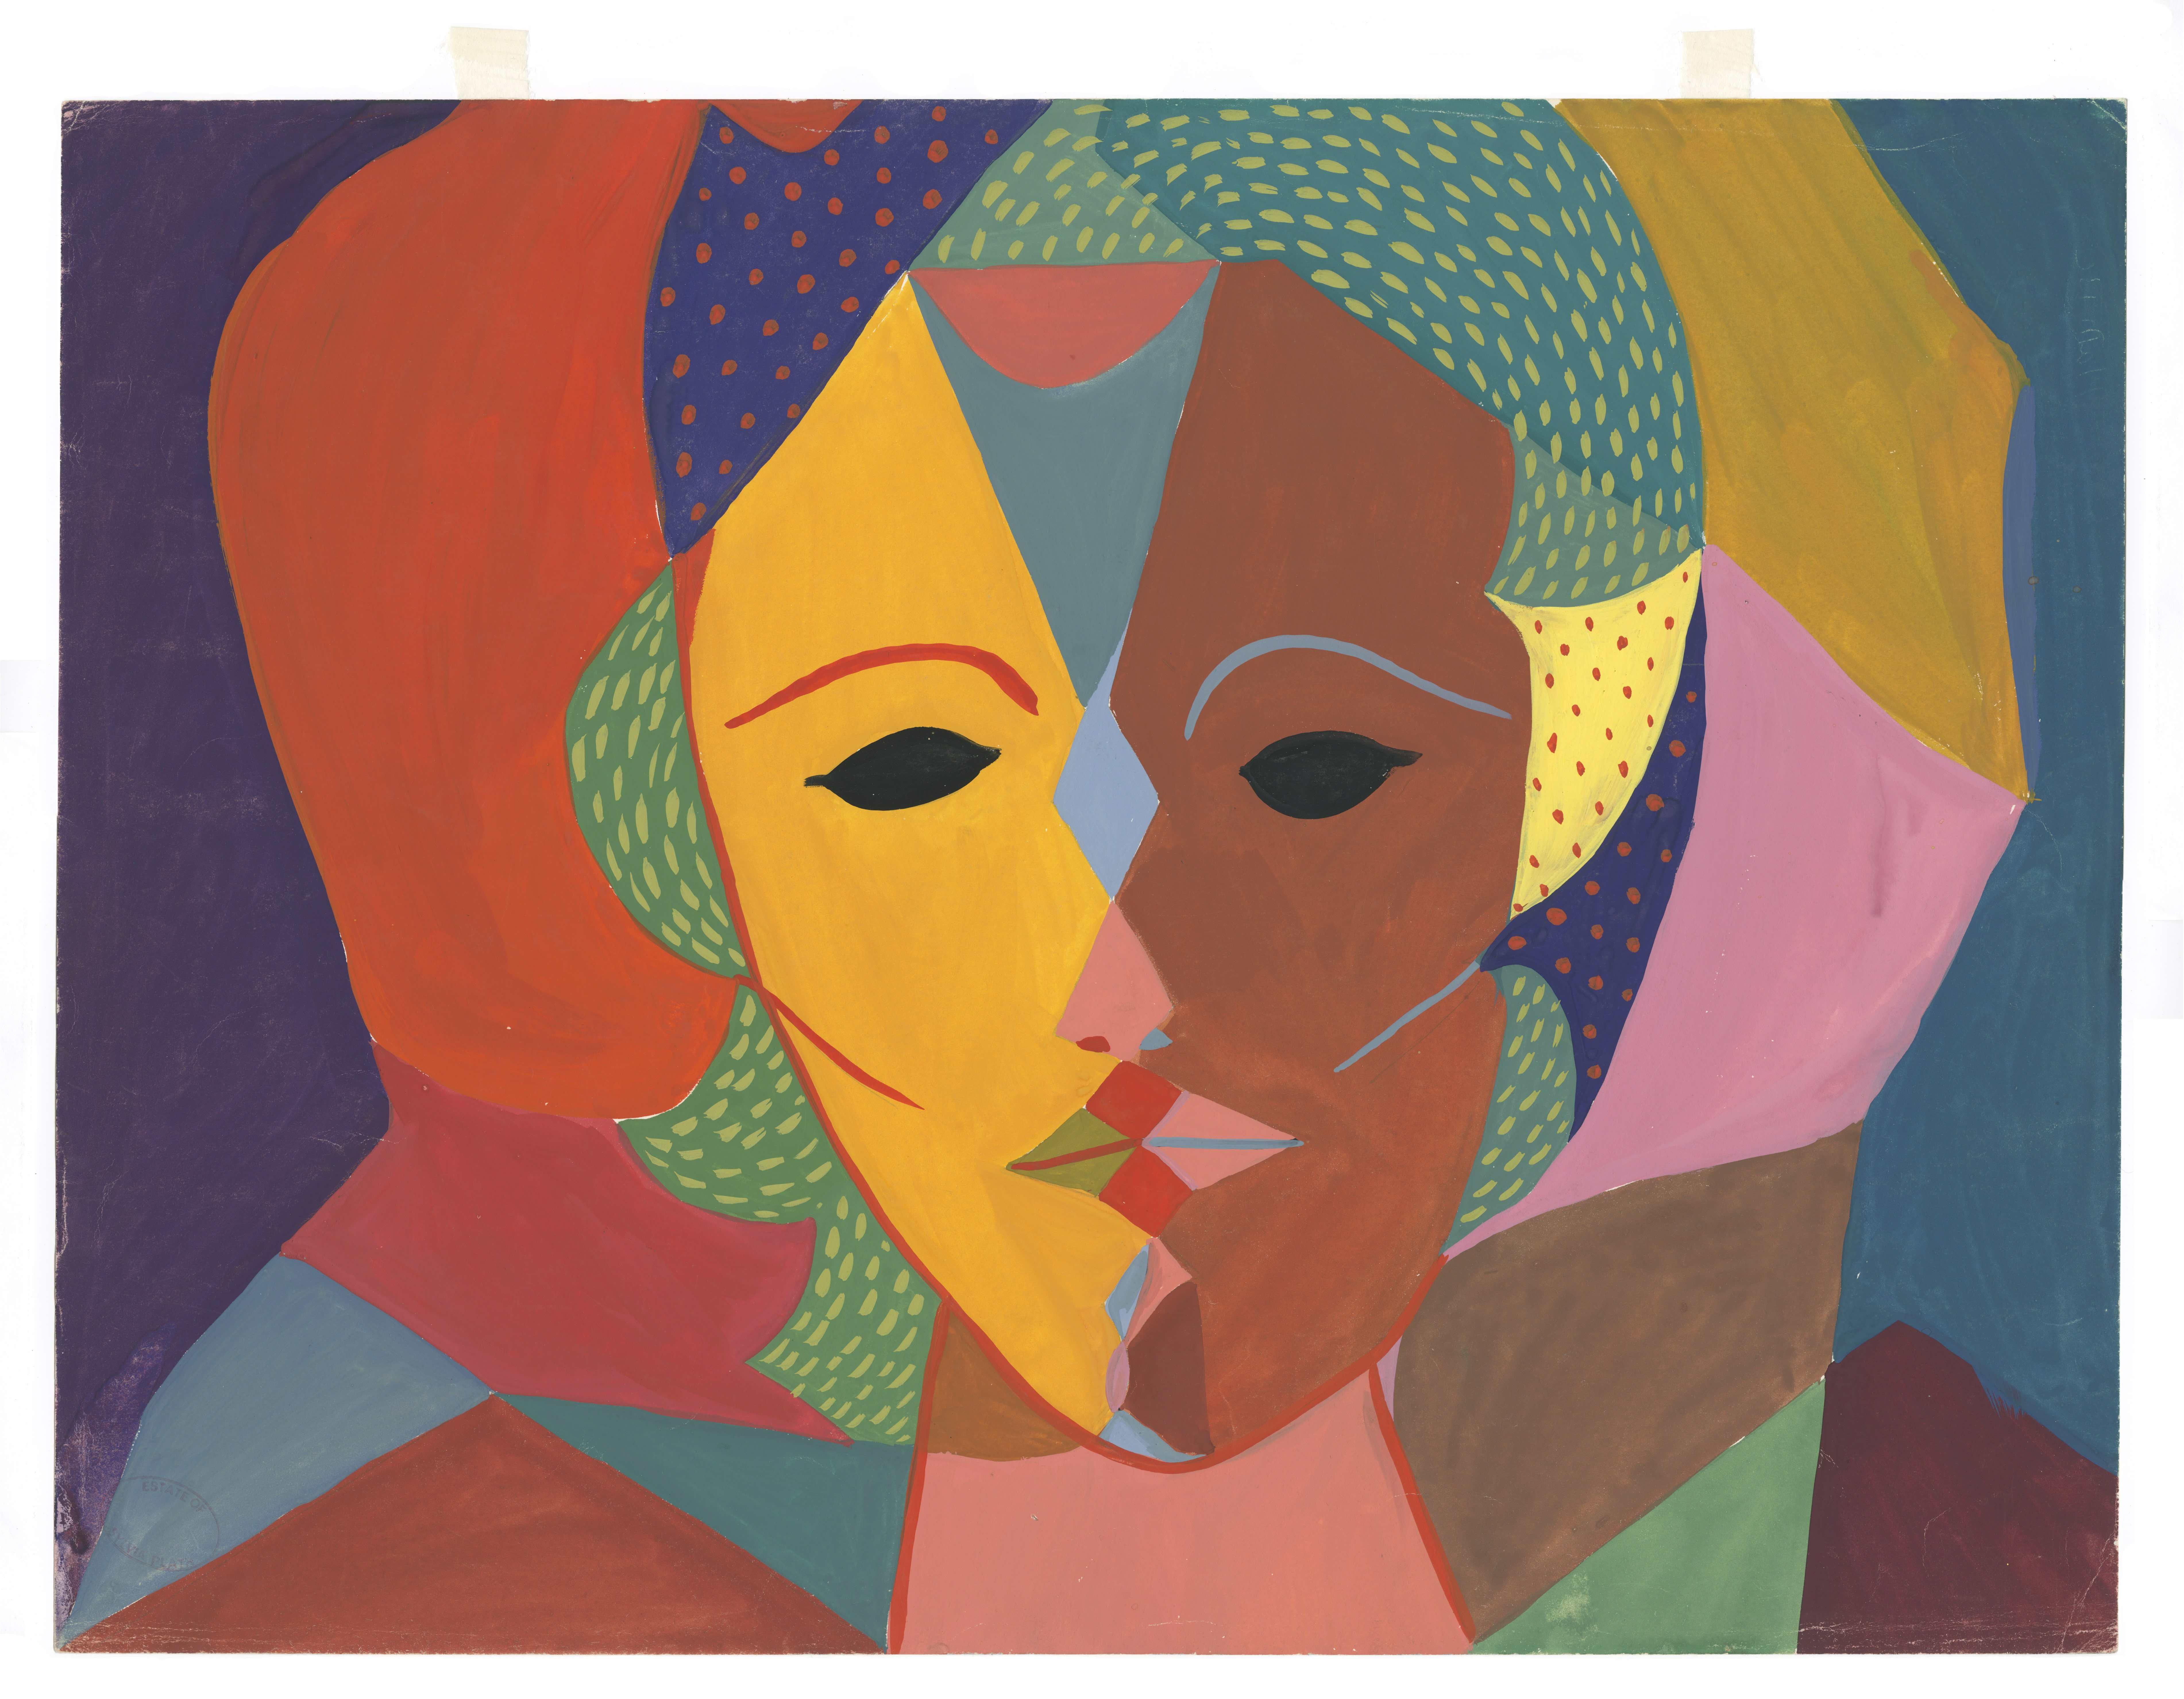 Arte de Sylvia Plath